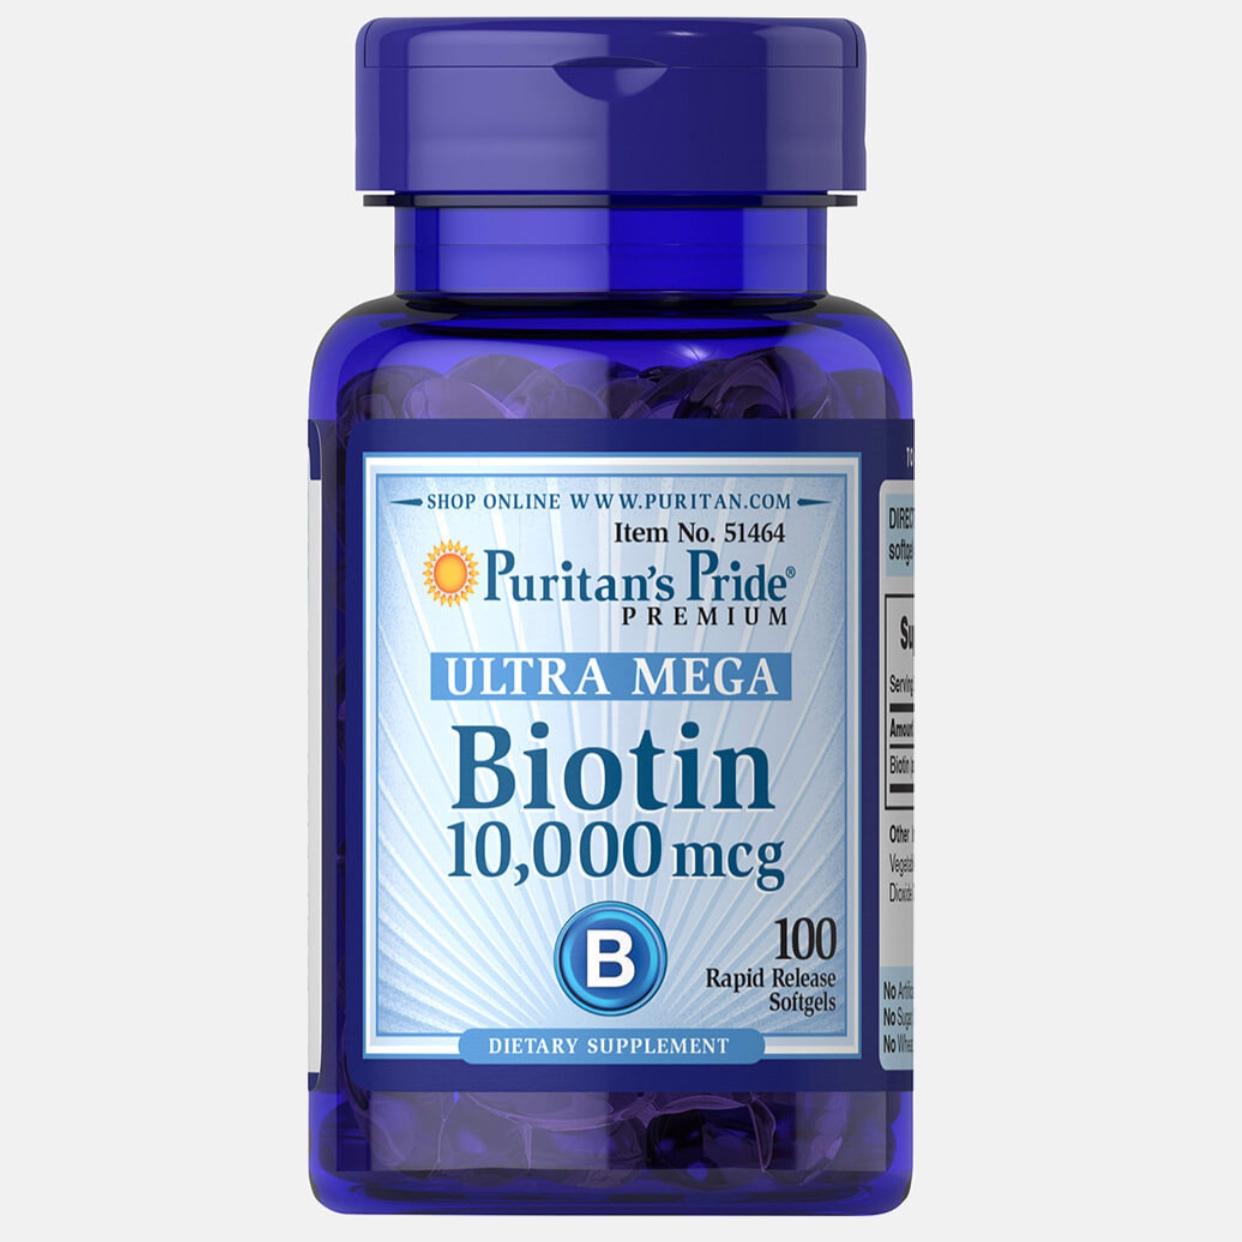 Puritan's Pride, Biotin 10,000 mcg, 100 Softgels